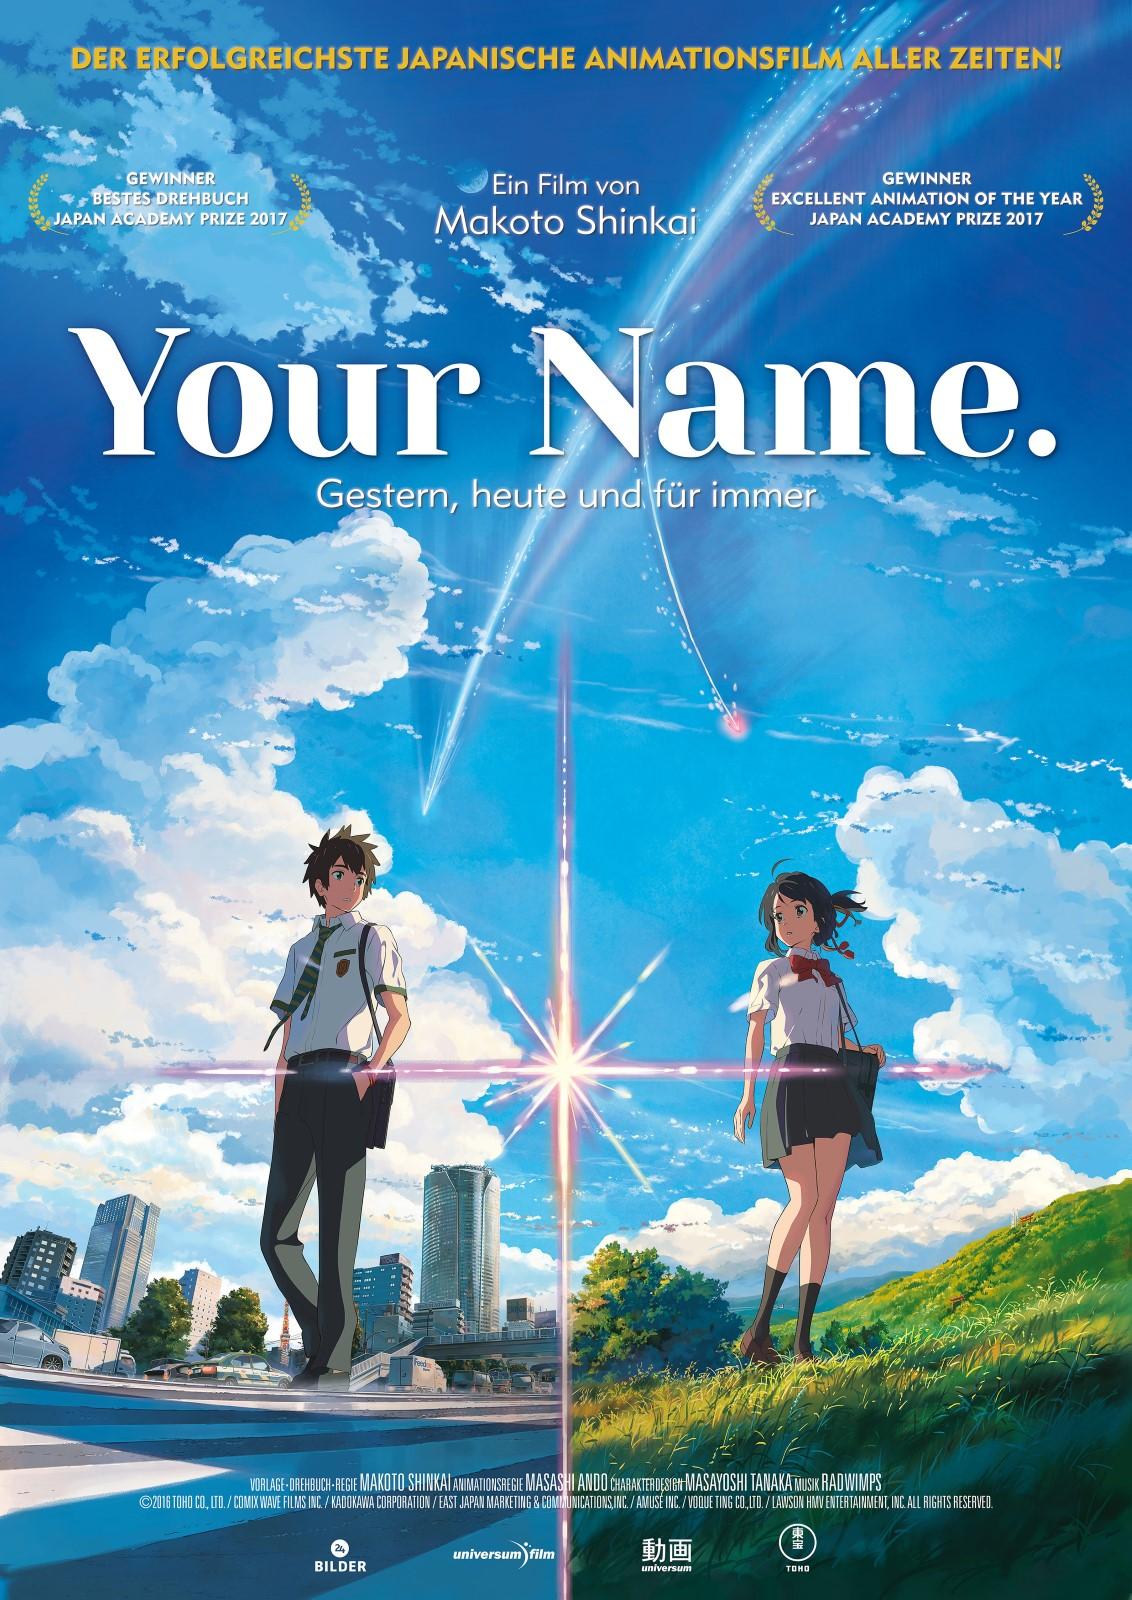 Your Name. - Die Filmstarts-Kritik auf FILMSTARTS.de